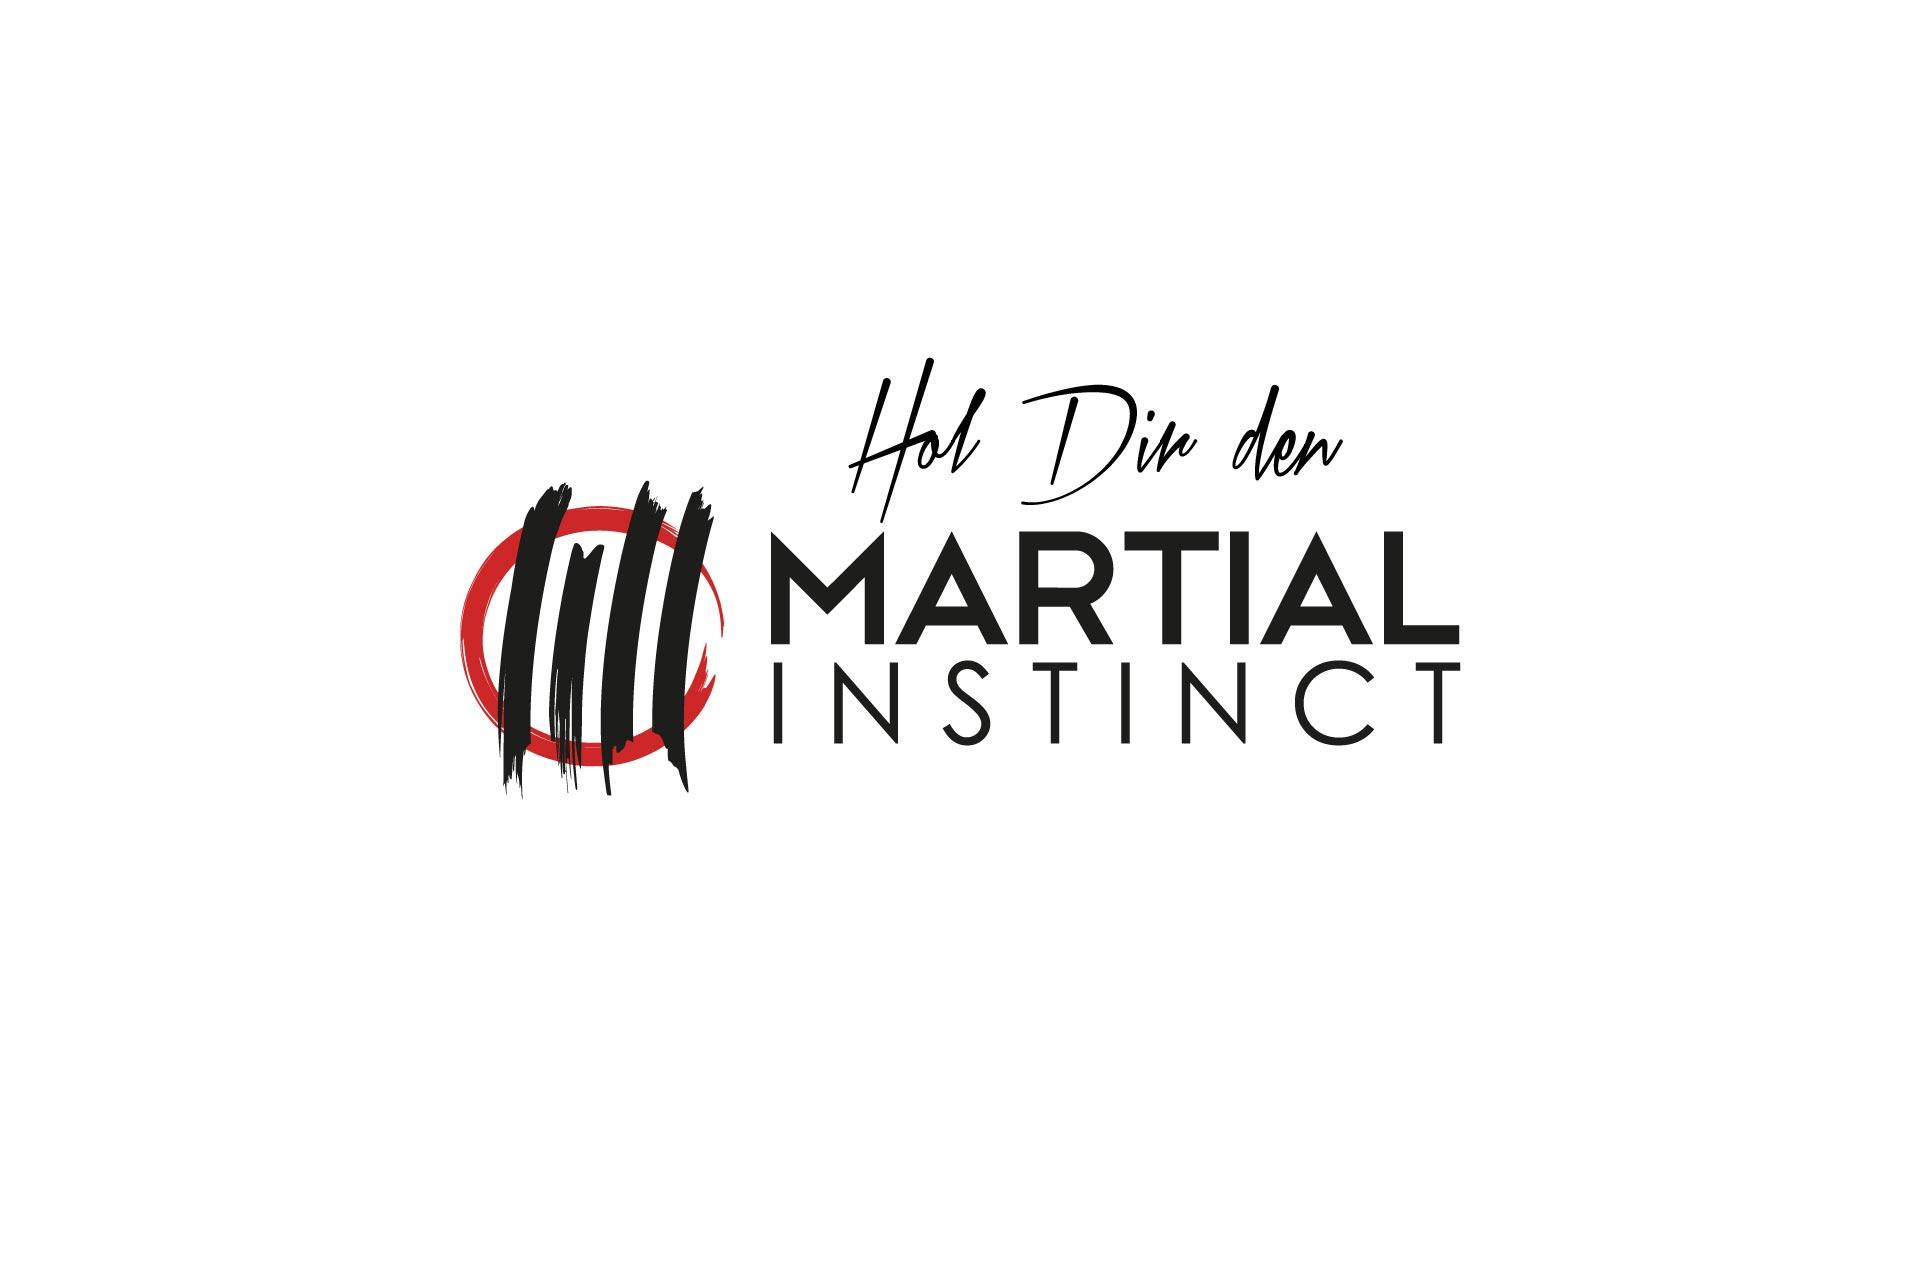 MARTIAL INSTINCT